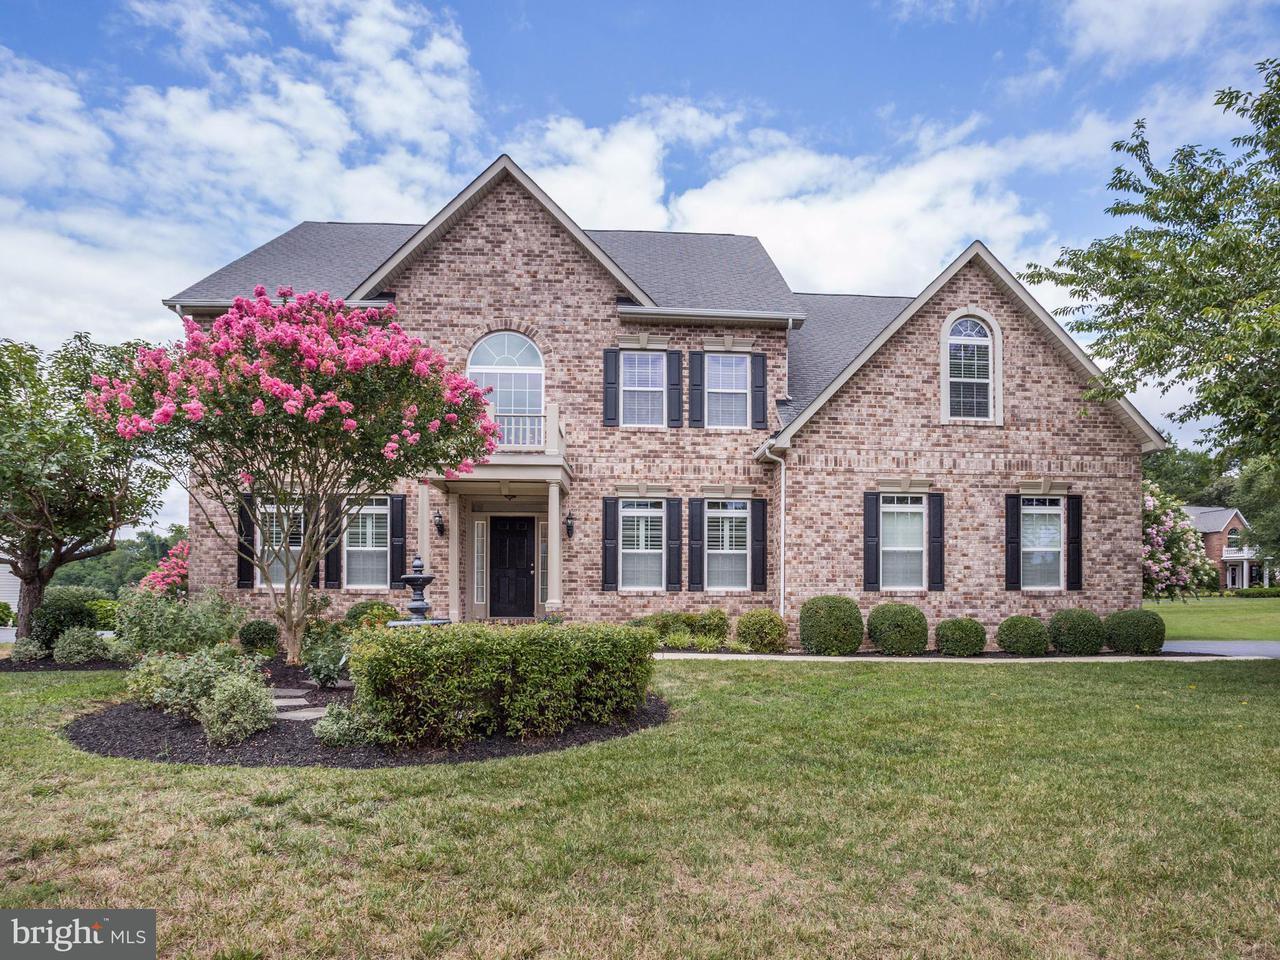 一戸建て のために 売買 アット 1835 CANDLELIGHT Court 1835 CANDLELIGHT Court Owings, メリーランド 20736 アメリカ合衆国